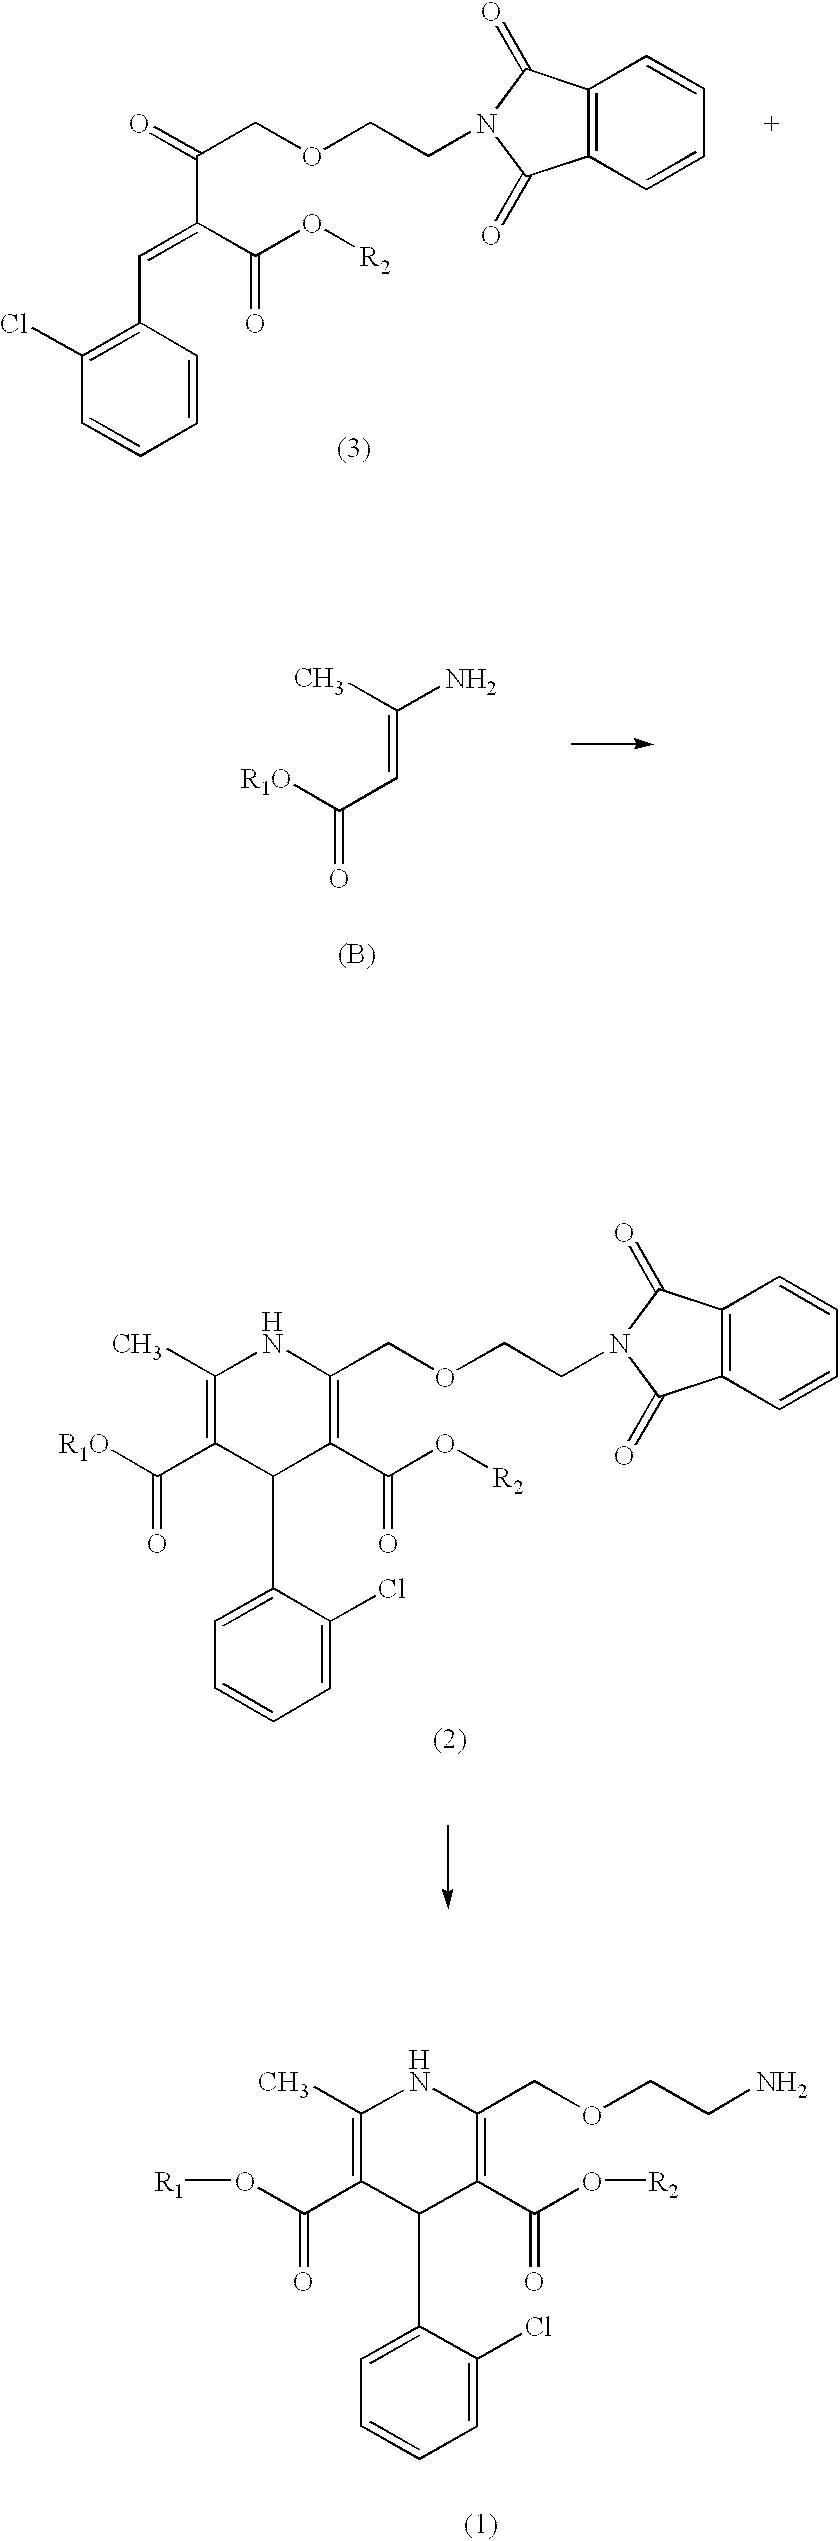 Figure US06653481-20031125-C00001